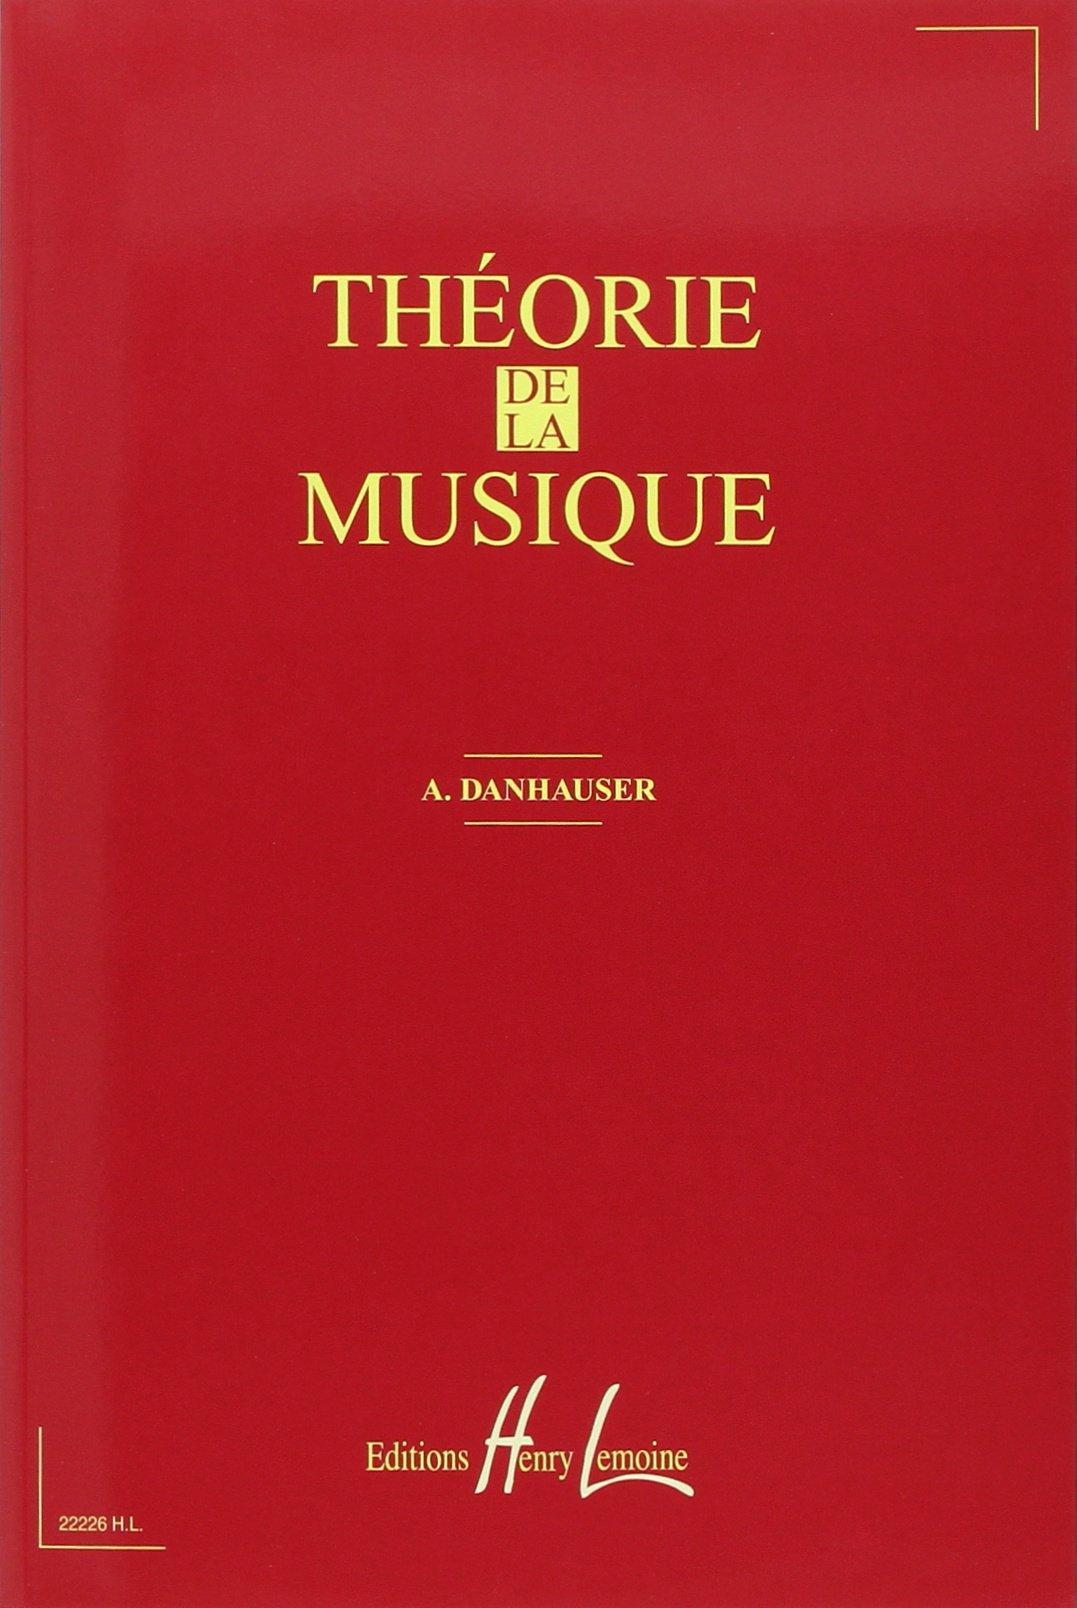 Théorie de la musique Partition – 1 septembre 1996 Adolphe Danhauser Lemoine B00006RJNJ 38834